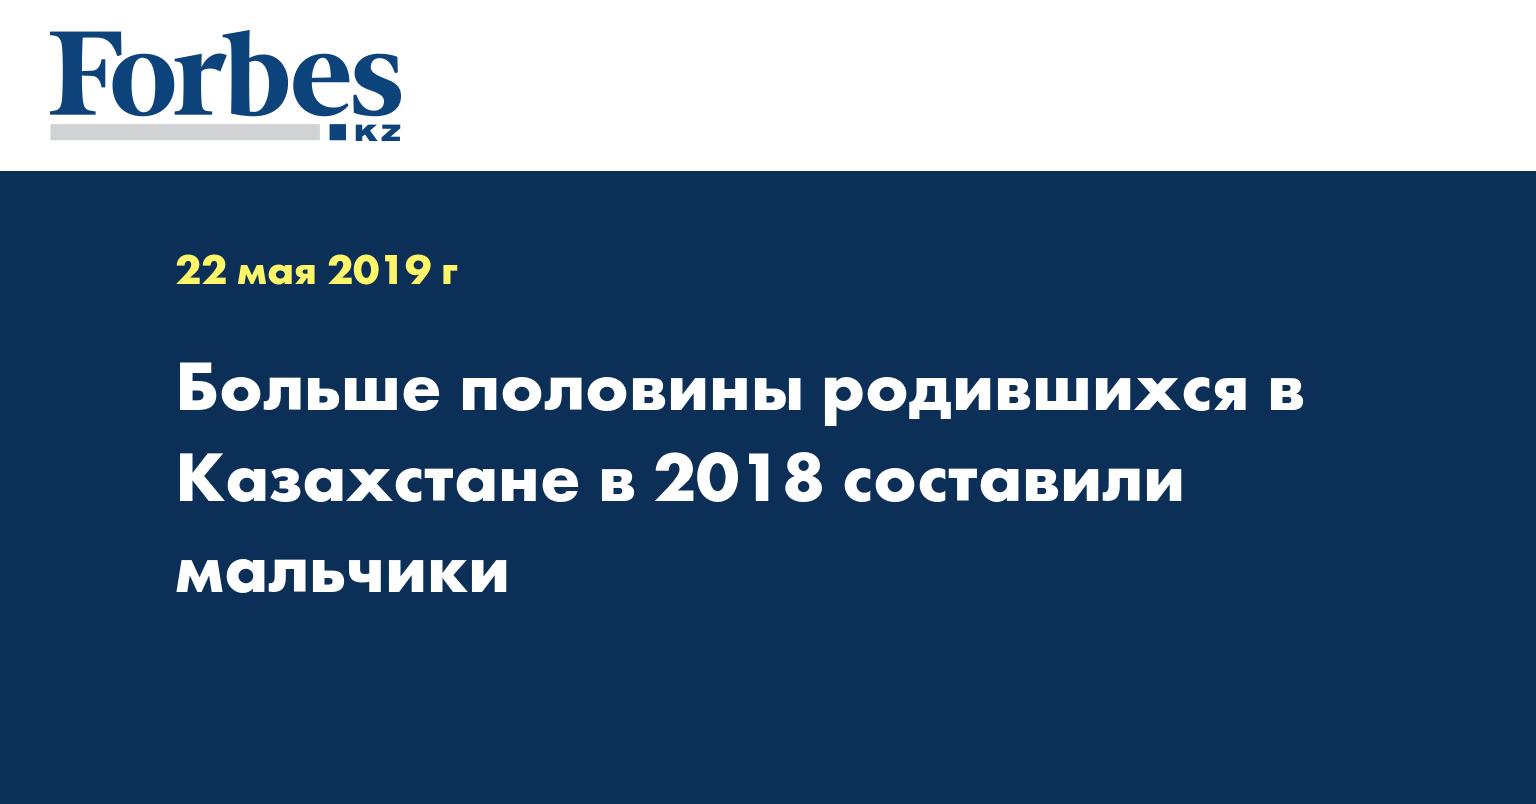 Больше половины родившихся в Казахстане в 2018 составили мальчики